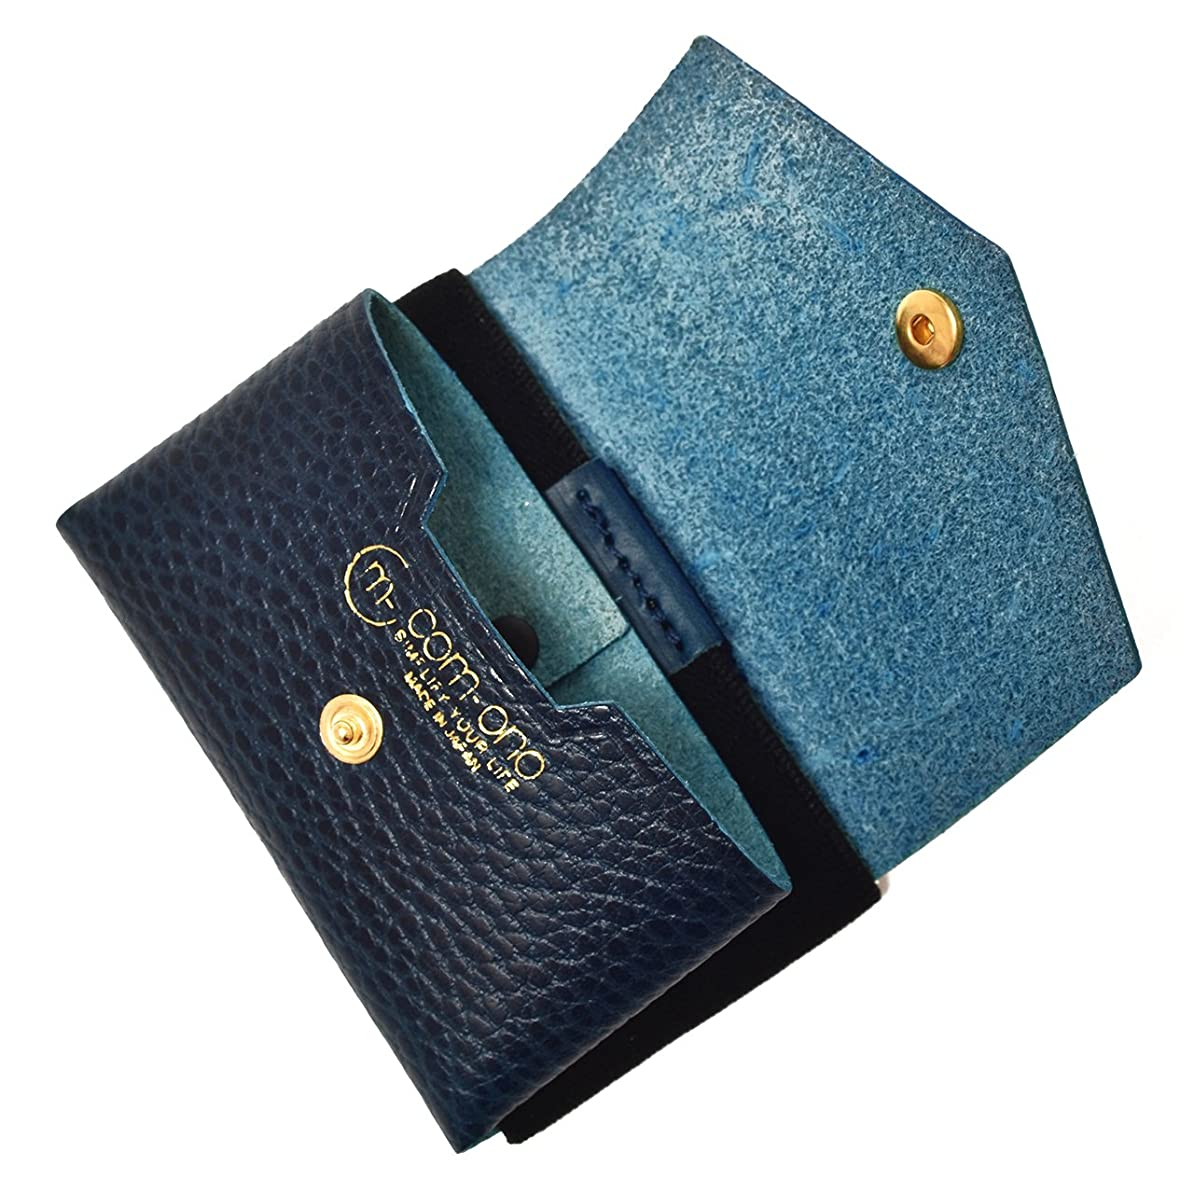 ファックス揮発性ラジウムCOM-ONO コンパクトミニ 財布 TINY SERIES 001(ブルー) 日本製 小銭入れ 財布革